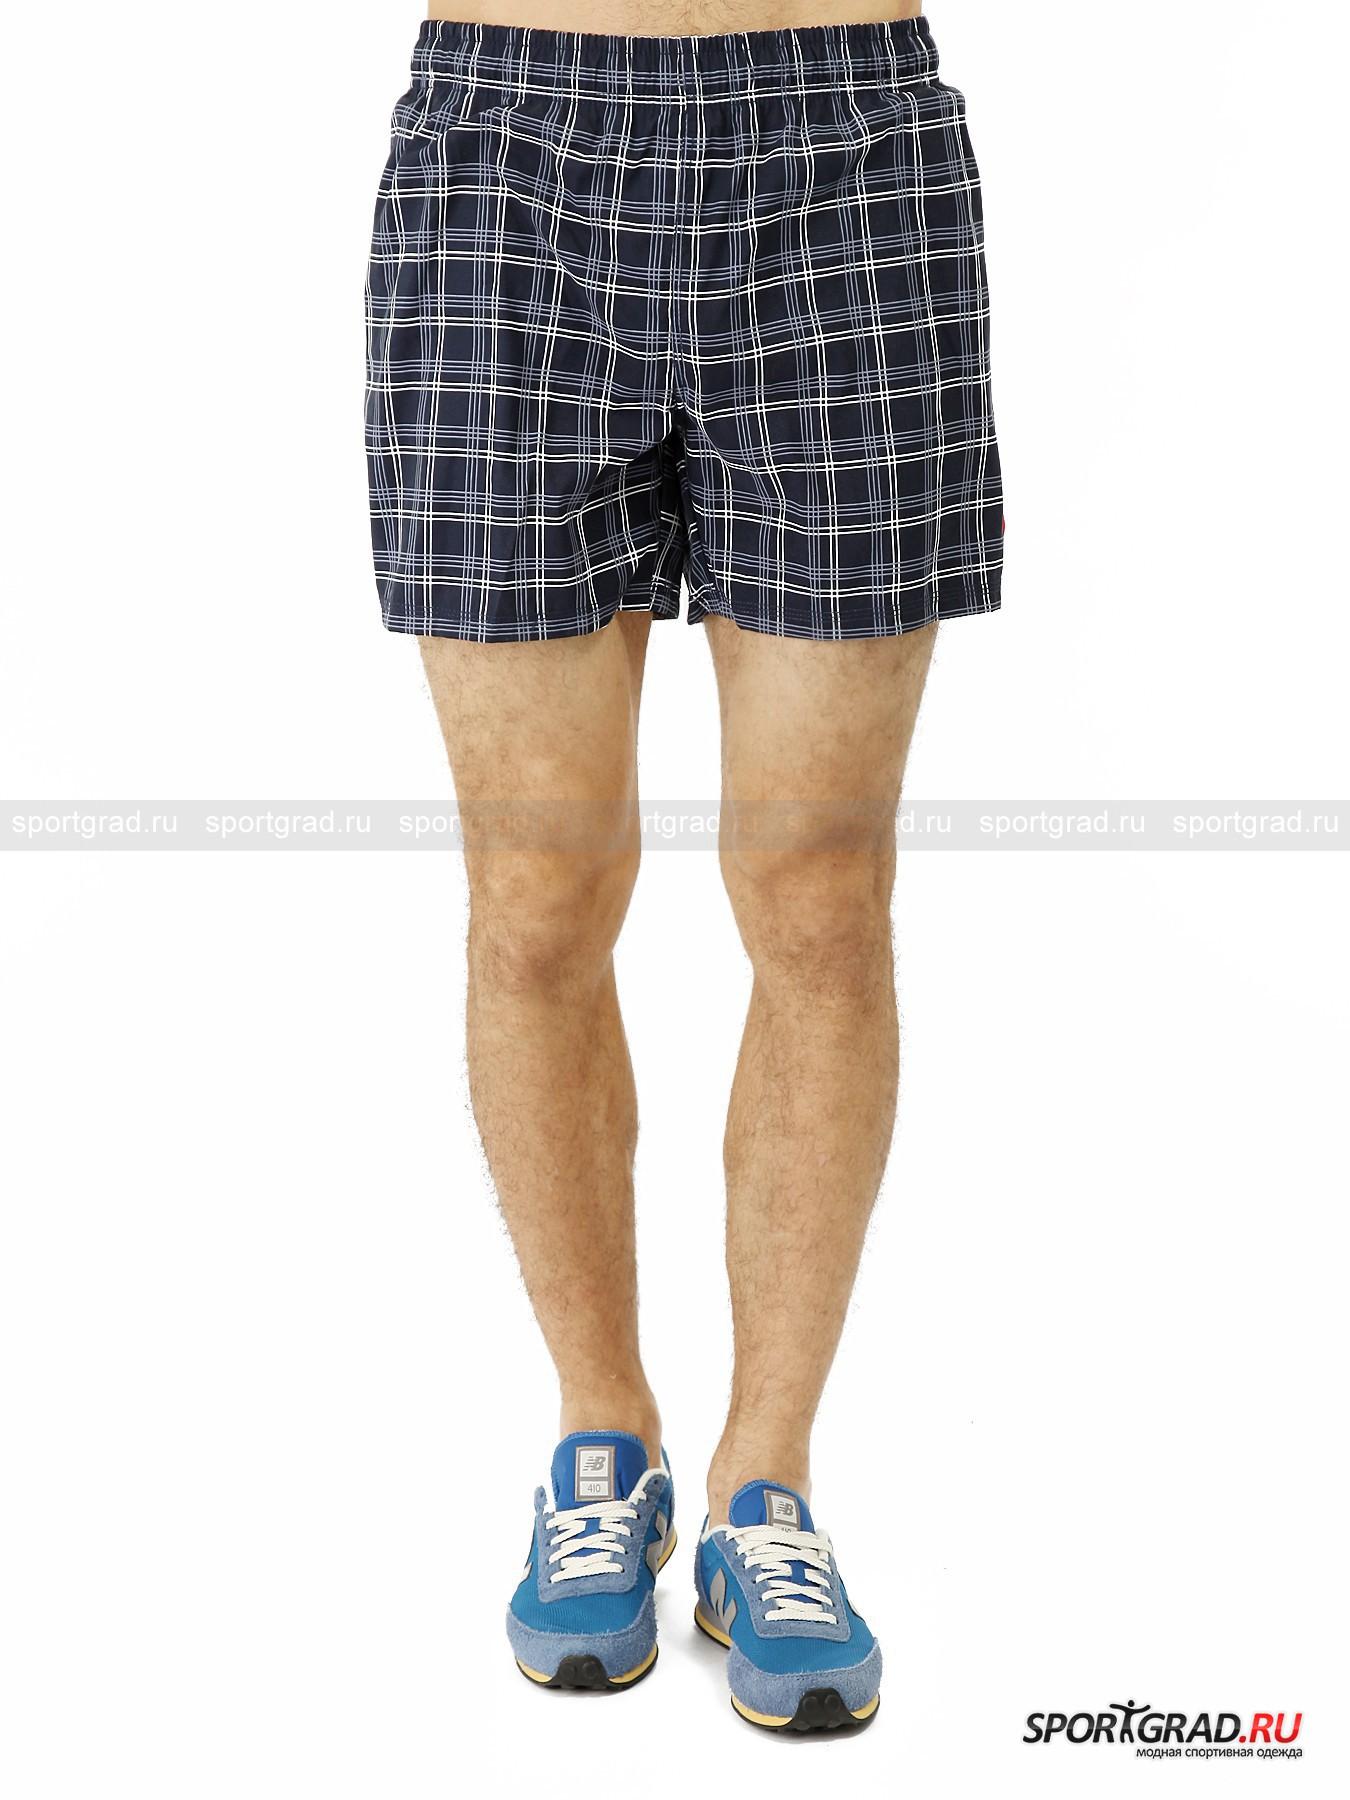 Шорты-плавки мужские CAMPAGNOLOШорты, Велосипедки<br>Классические клетчатые шорты-плавки пригодятся во время отдыха в теплых странах. В них можно купаться, так как модель изготовлена из специального быстросохнущего материала, но в то же время шорты не выглядят исключительно плавательными и подойдут для обычного повседневного ношения на отдыхе.<br><br>Особенности модели:<br>- пояс на резинке с кулиской и регулирующей лентой с изнаночной стороны;<br>- два прорезных кармана по бокам;<br>- внутри сетчатая вставка-«трусы»;<br>- фирменная нашивка CMP.<br><br>Пол: Мужской<br>Возраст: Взрослый<br>Тип: Шорты, Велосипедки<br>Рекомендации по уходу: стирка в теплой воде до 40 С; не отбеливать; не гладить; влажная химическая чистка; сушить в вертикальном положении<br>Состав: 100% полиэстер